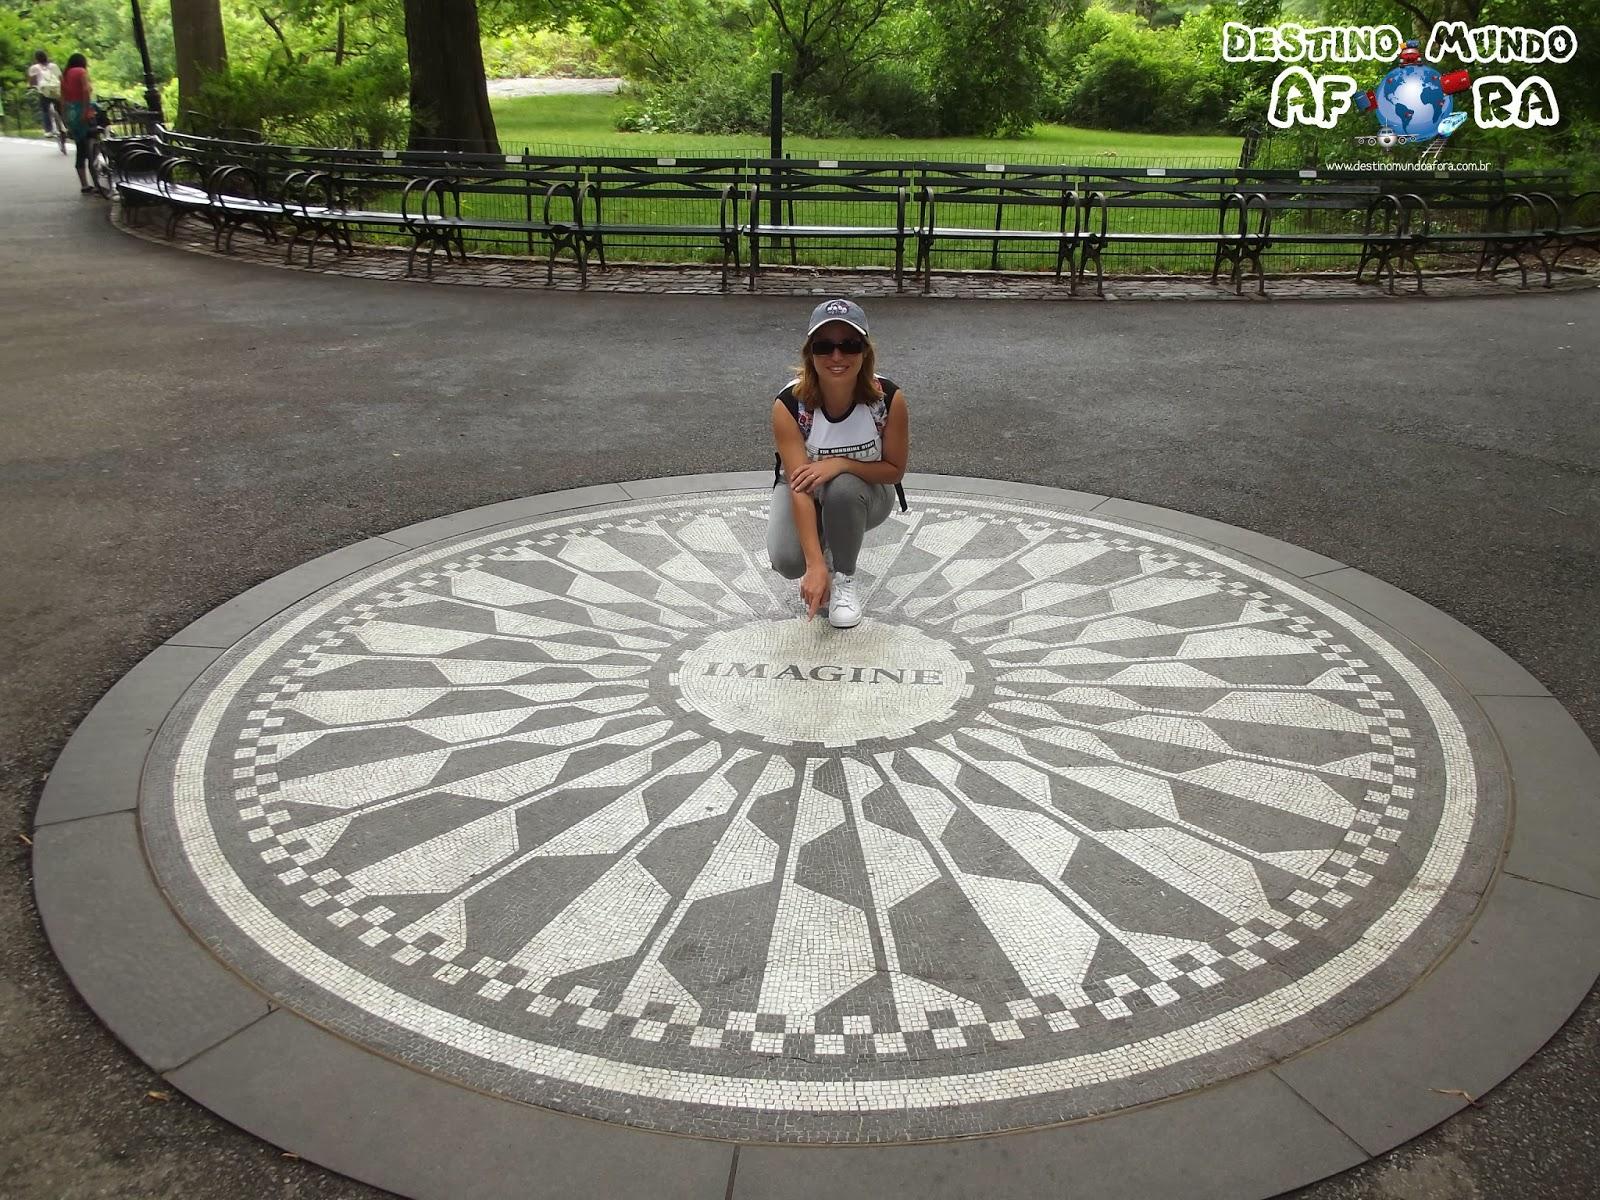 Que tal um passeio pelo Central Park?